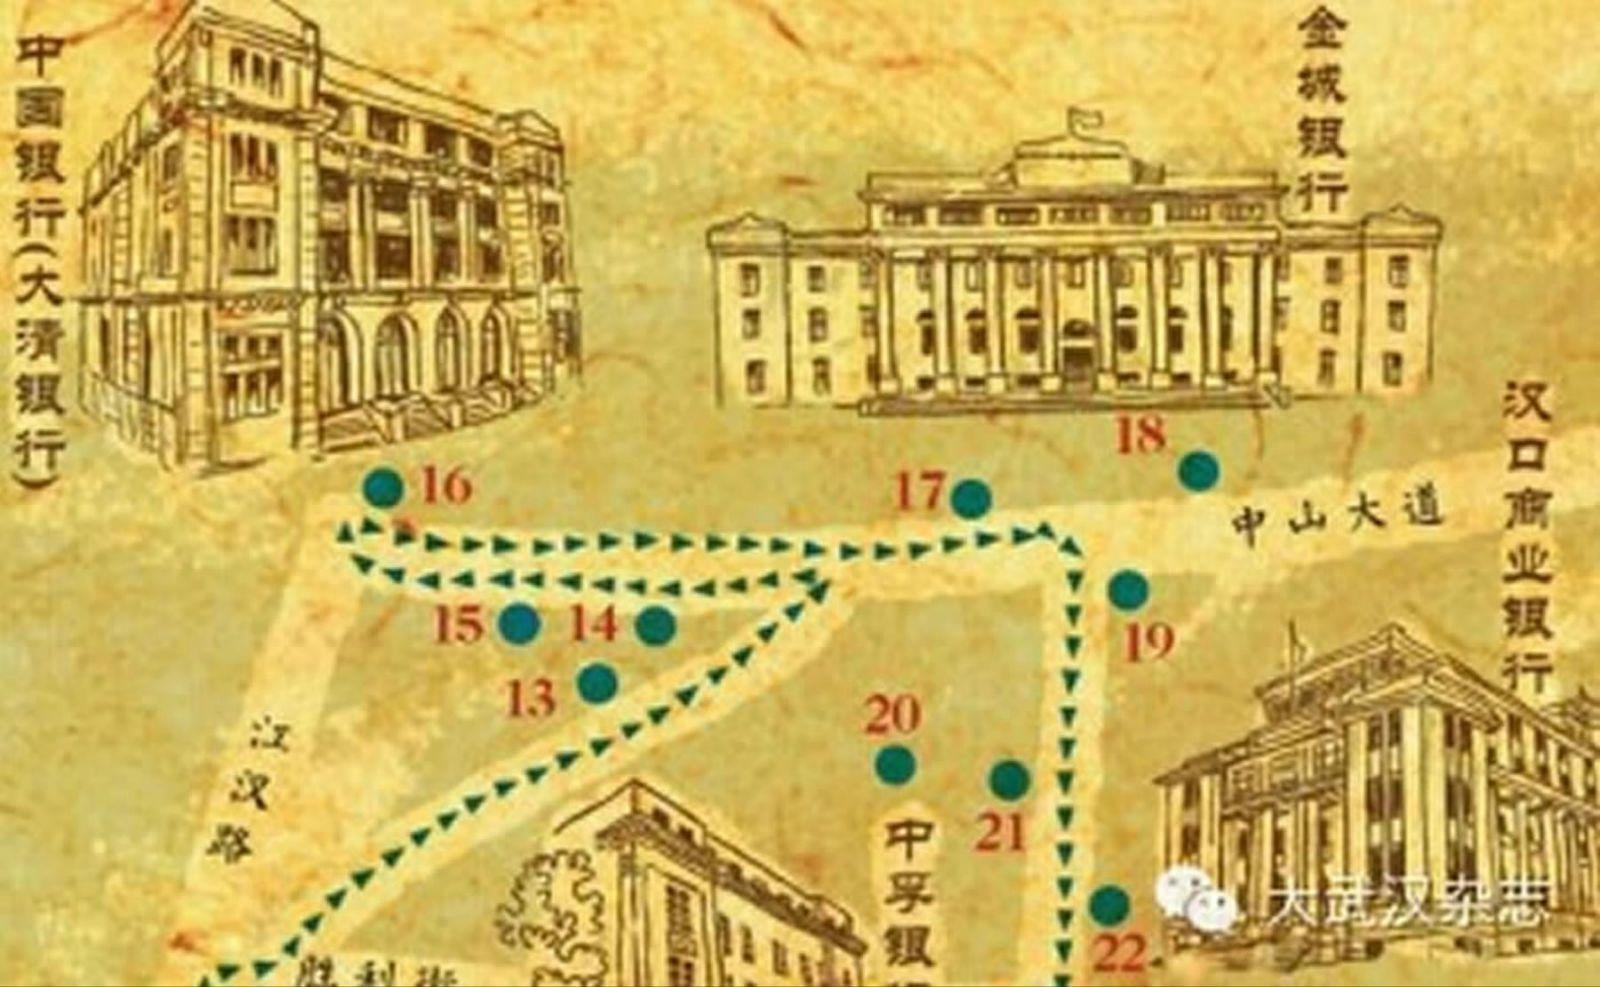 汉口老租界老房子地图